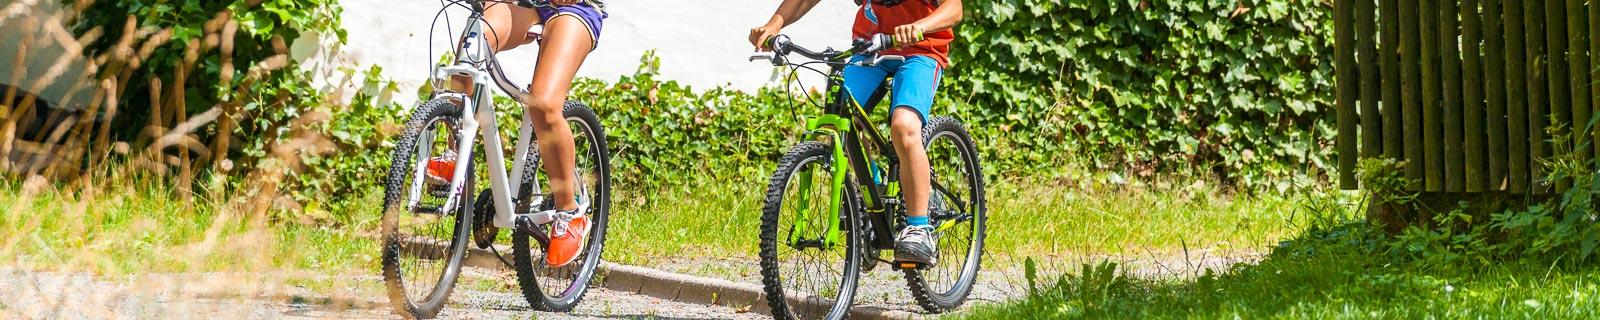 Bicicletta per bambini 24 pollici